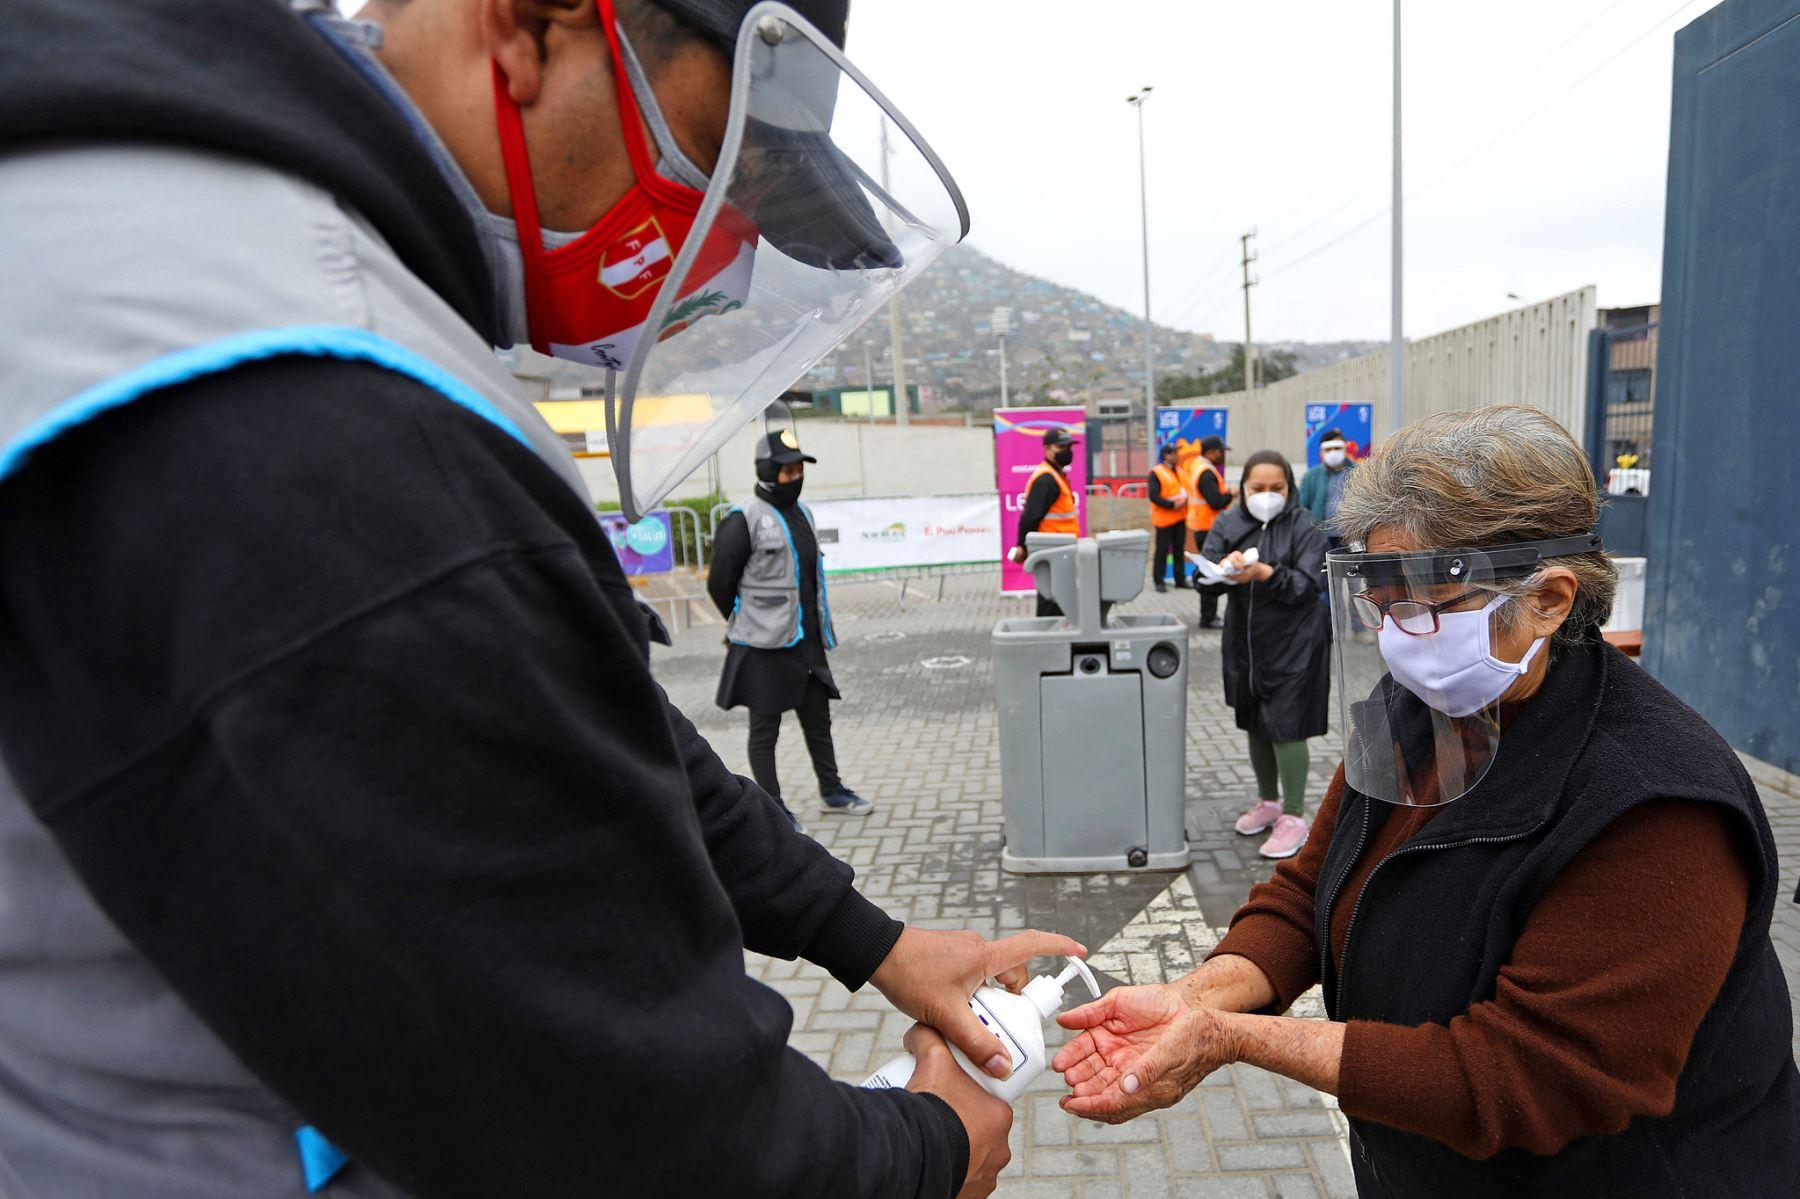 El Complejo Deportivo Villa María del Triunfo, sede de los Juegos Panamericanos y Parapanamericanos Lima 2019, reabrirá sus puertas este fin de semana para recibir a los mercados itinerantes 'De la chacra a la olla', que se desarrollará guardando todas las medidas de bioseguridad que se exige en esta emergencia sanitaria por la pandemia del covid-19.  Foto: LEGADO Lima 2019